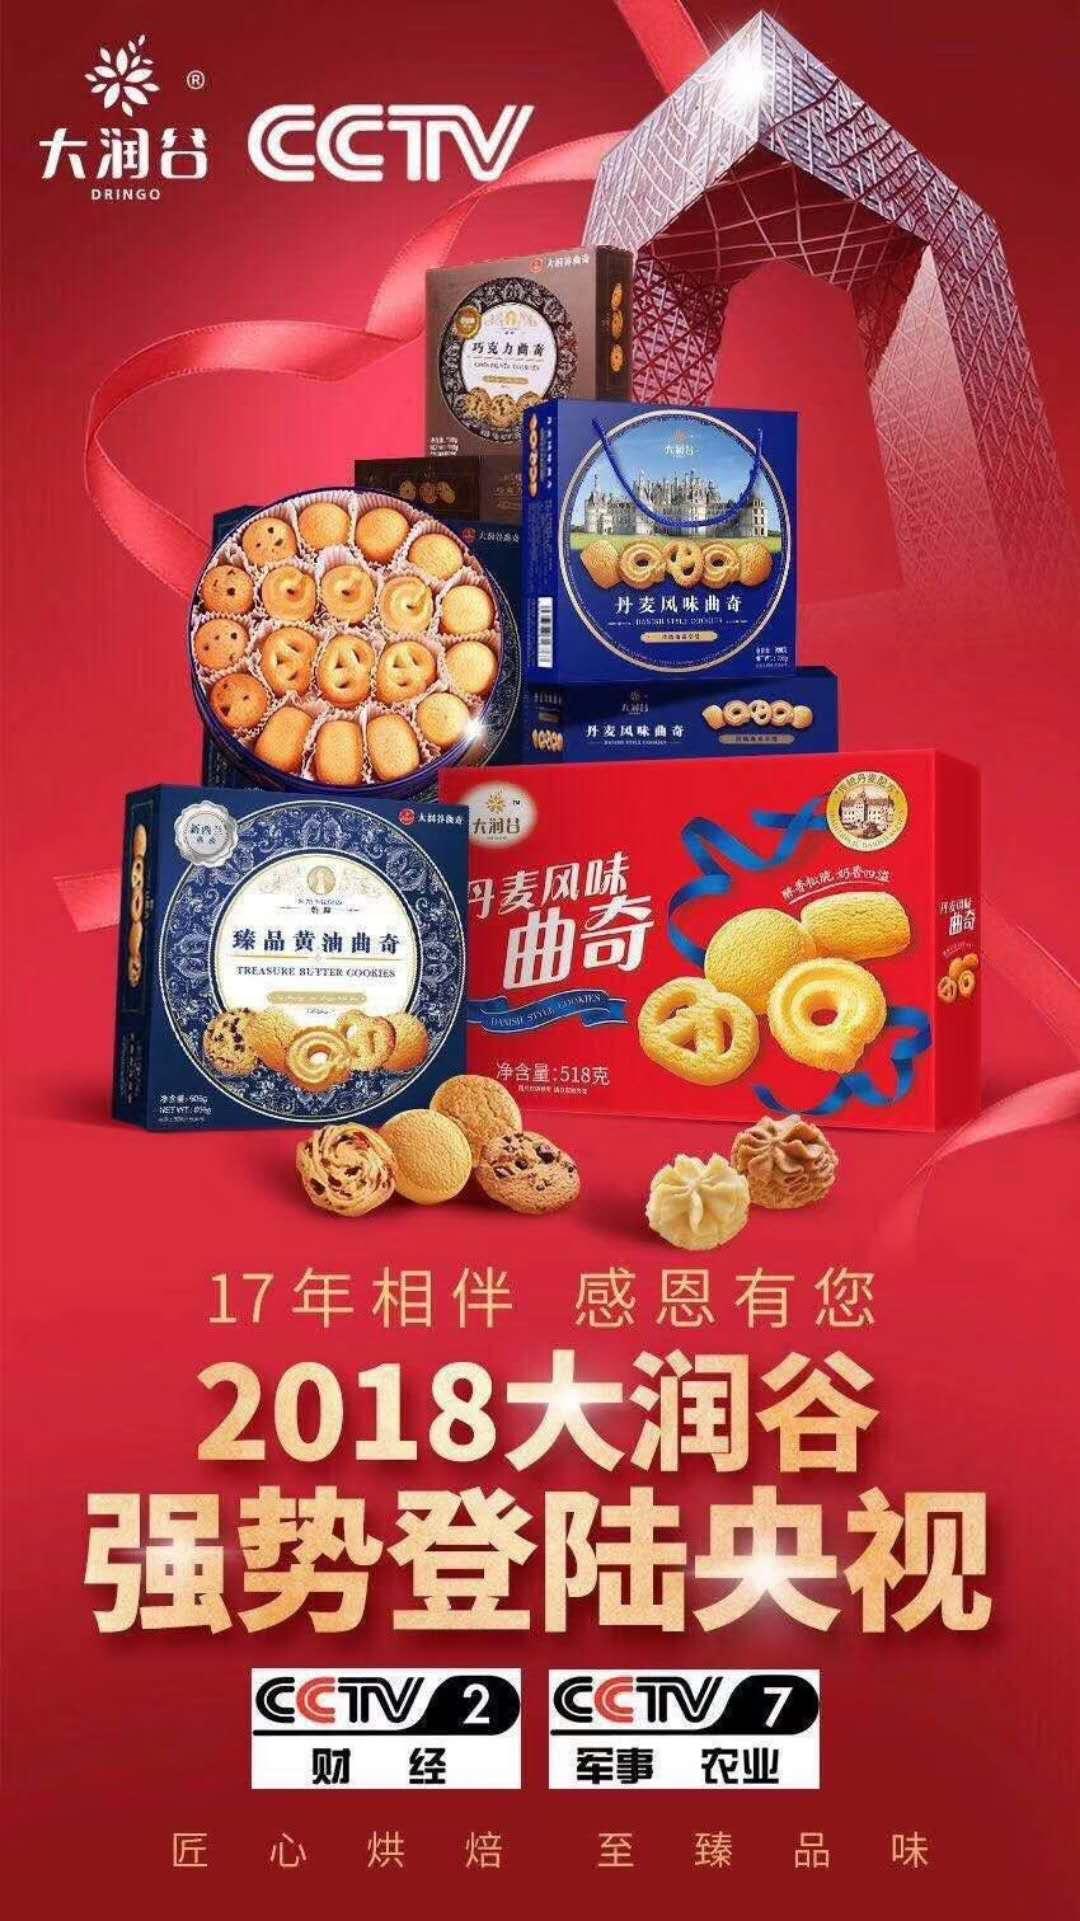 Shenzhen Rungu Food